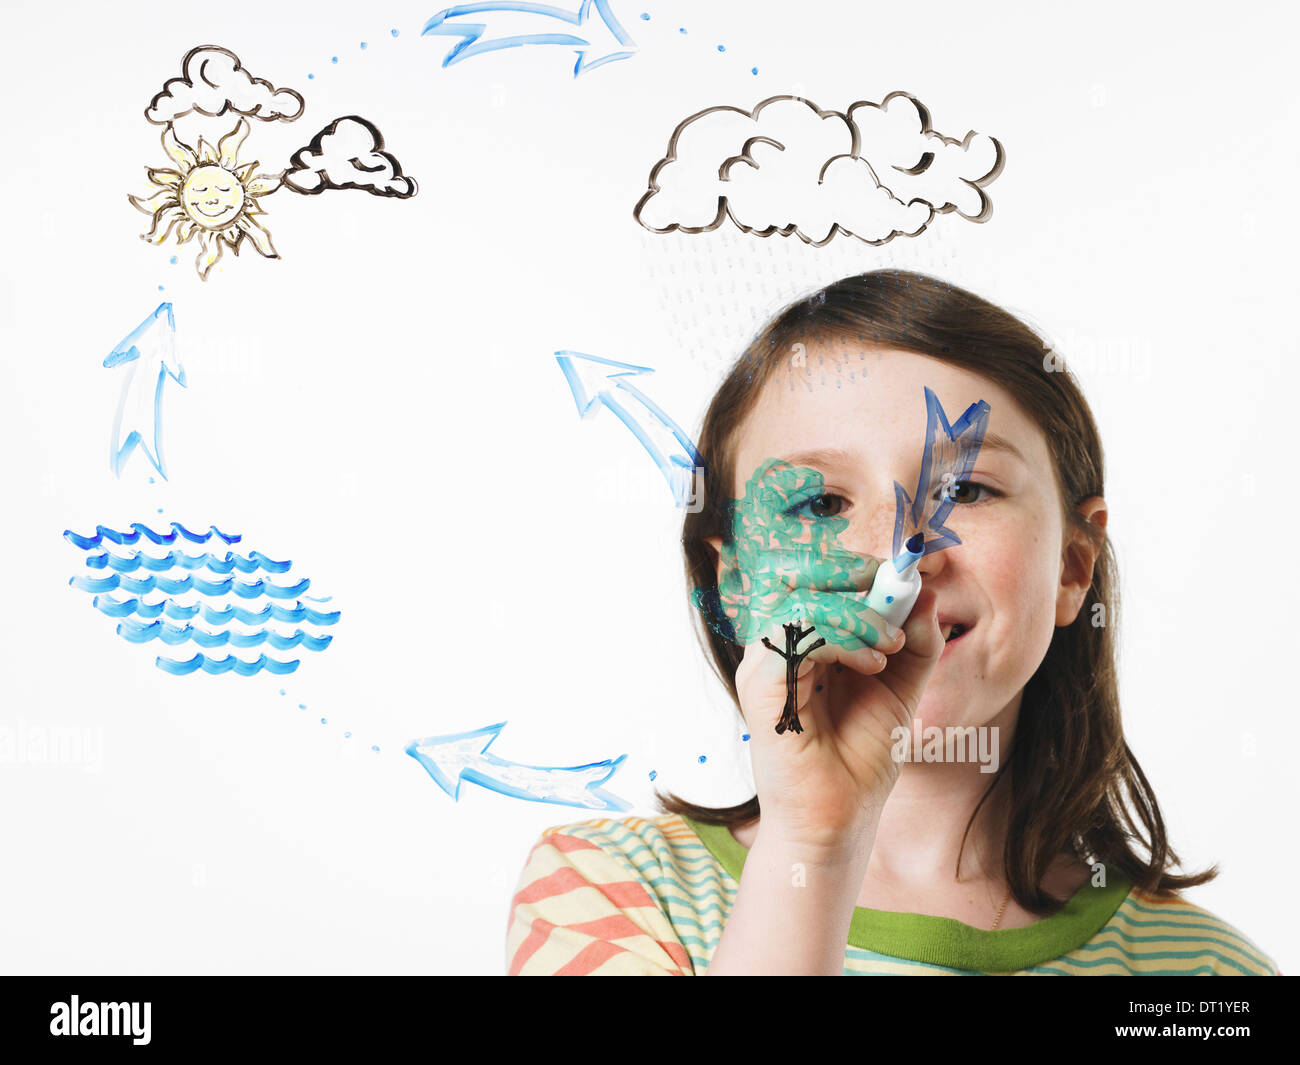 Dibujo de una joven el ciclo de evaporación del agua en un claro ver a través de la superficie con un rotulador indeleble. Imagen De Stock